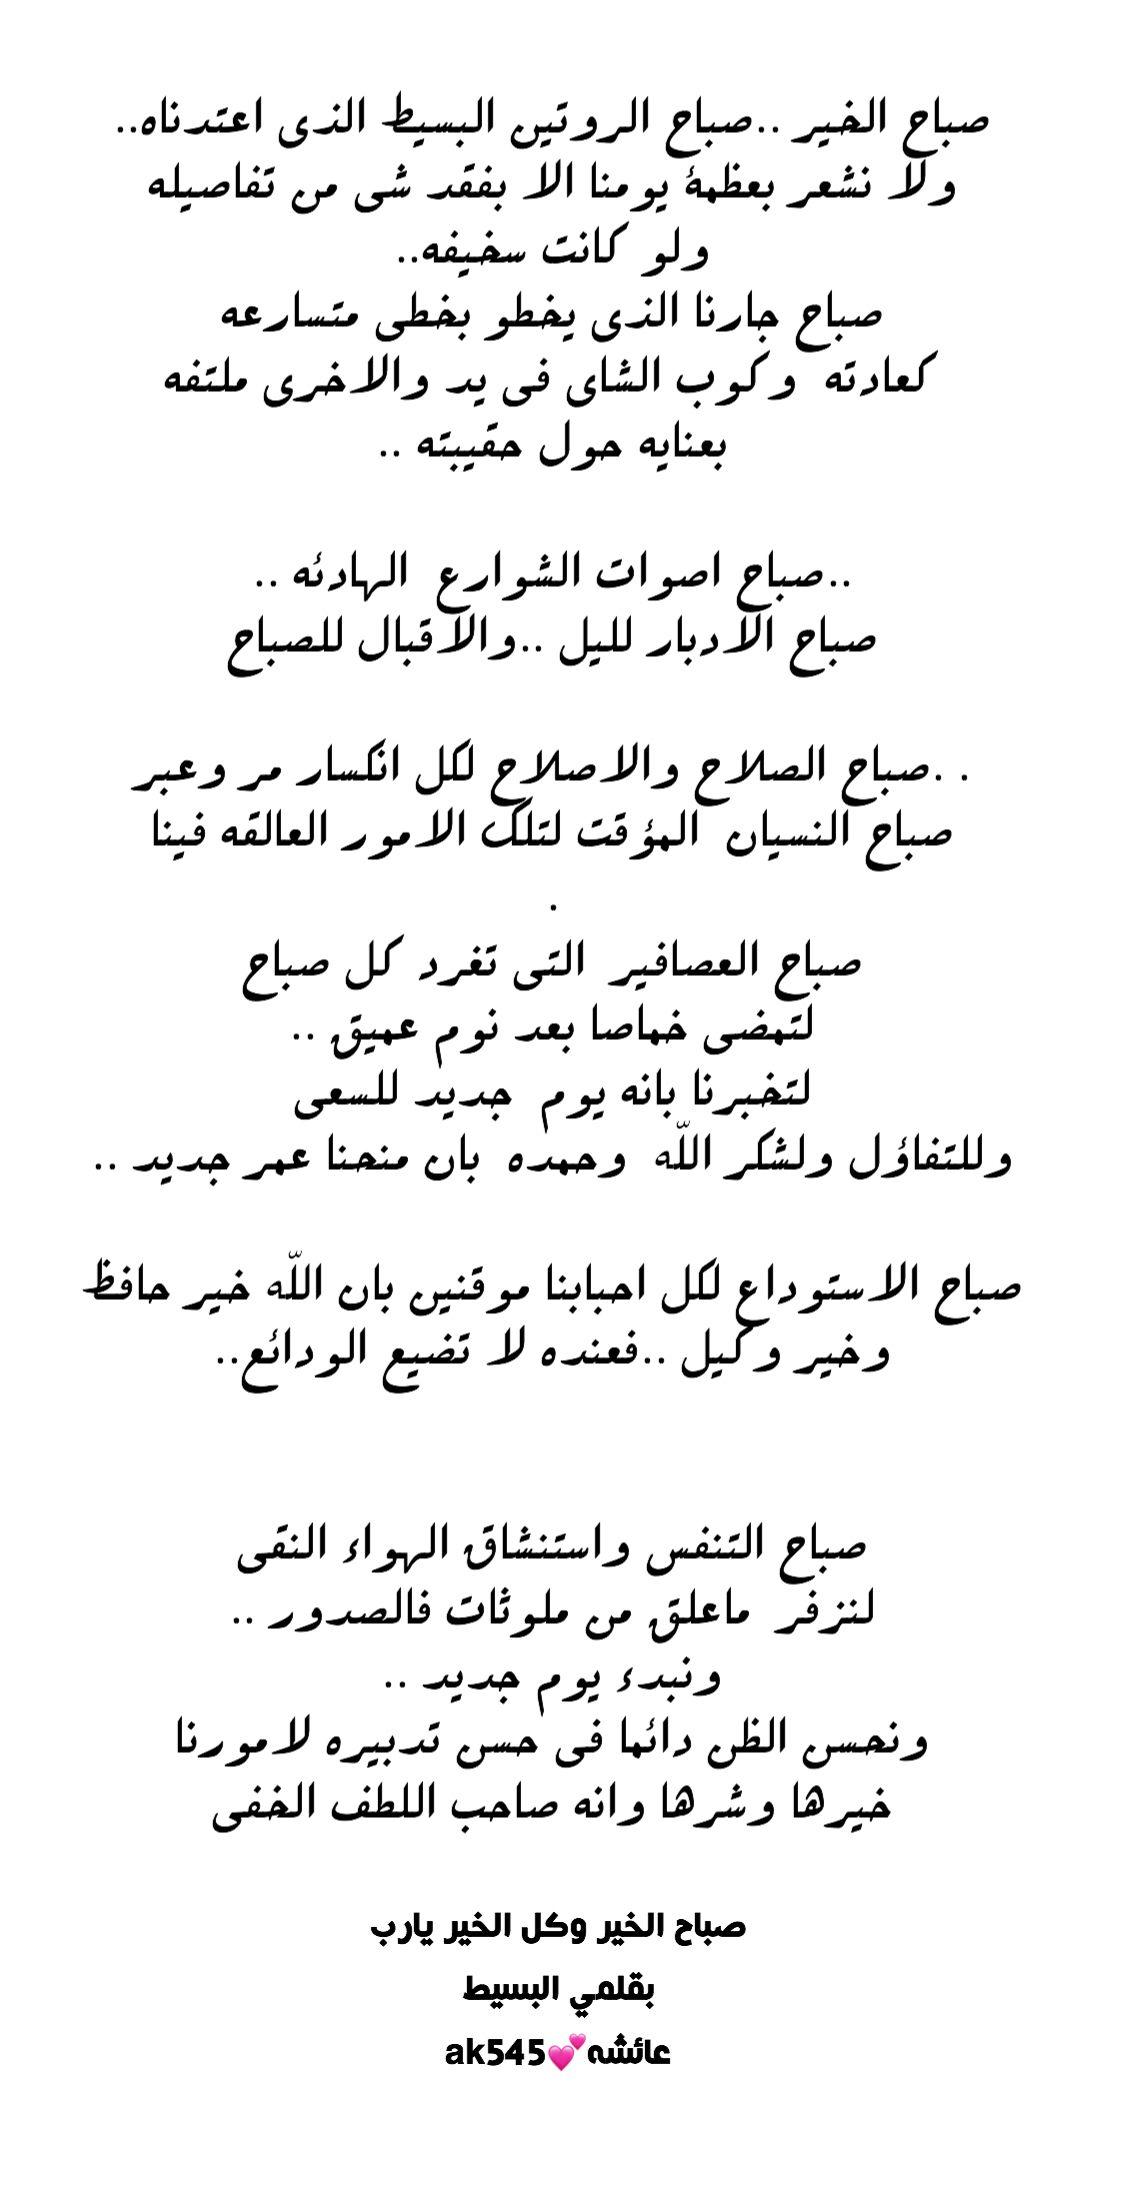 صباح الخير Quotations Words Arabic Words